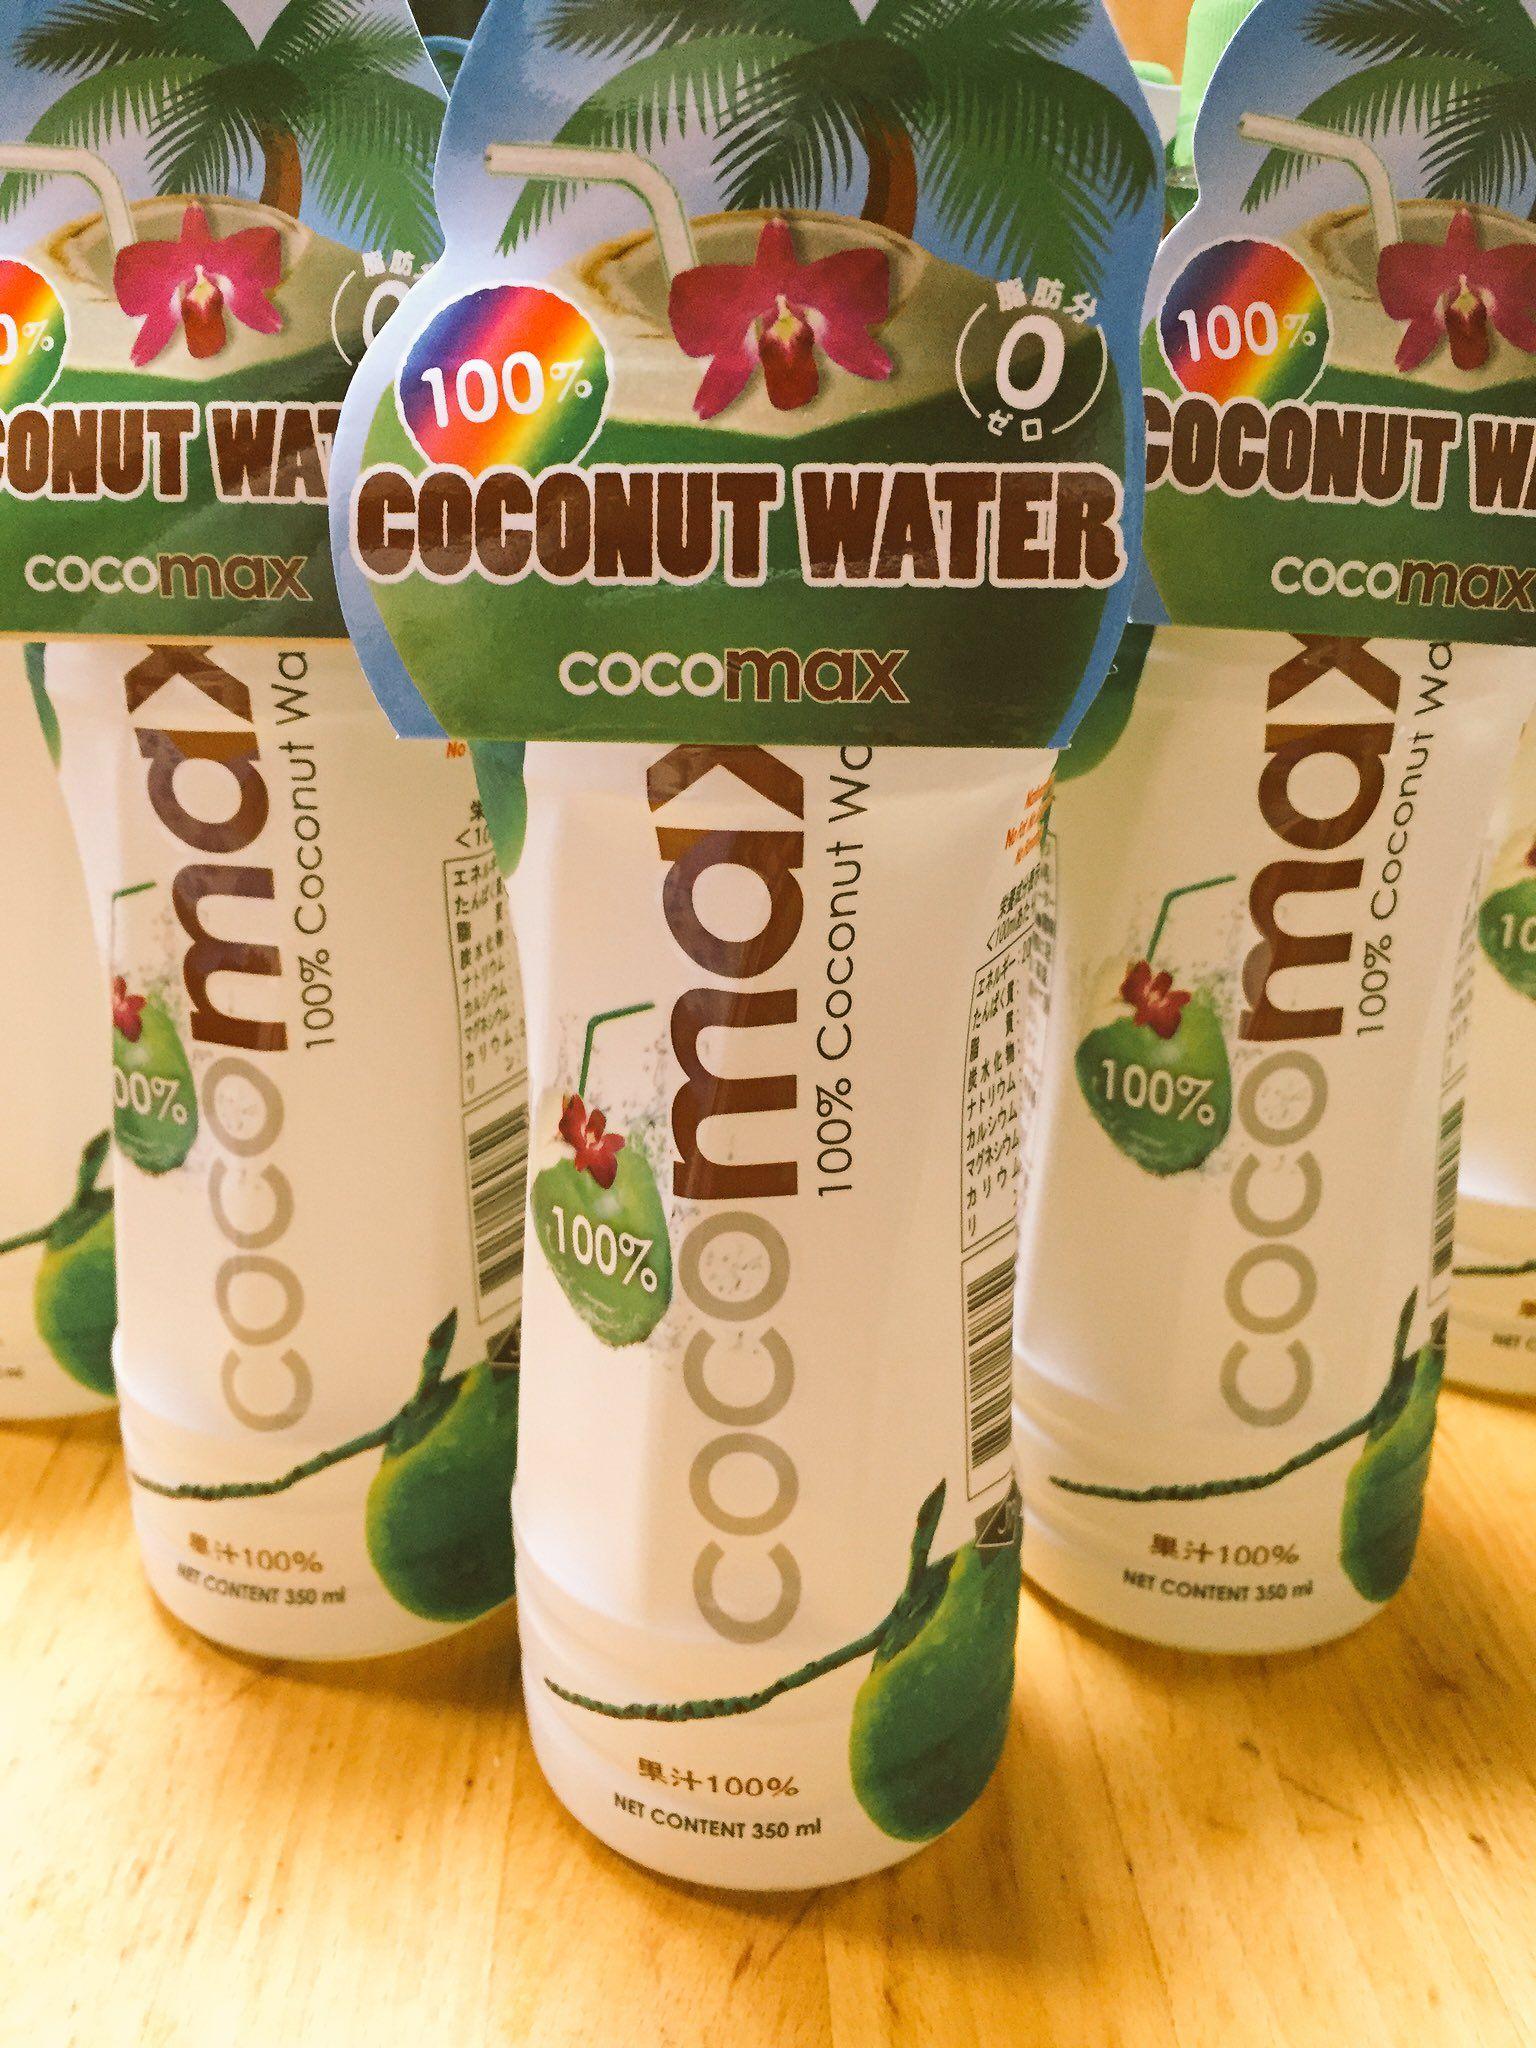 """E. on Twitter: """"数年前からココナッツブームが来てるけど、わたくし、かれこれ15年前からココナッツ商品を見つけたら必ず購入する程のココナッツマニアですから ココナッツがこんなに店頭に並ぶ様になったのは嬉しい限り cocomax 1本39円で大人買い https://t.co/gUQ6gU6VVq"""""""